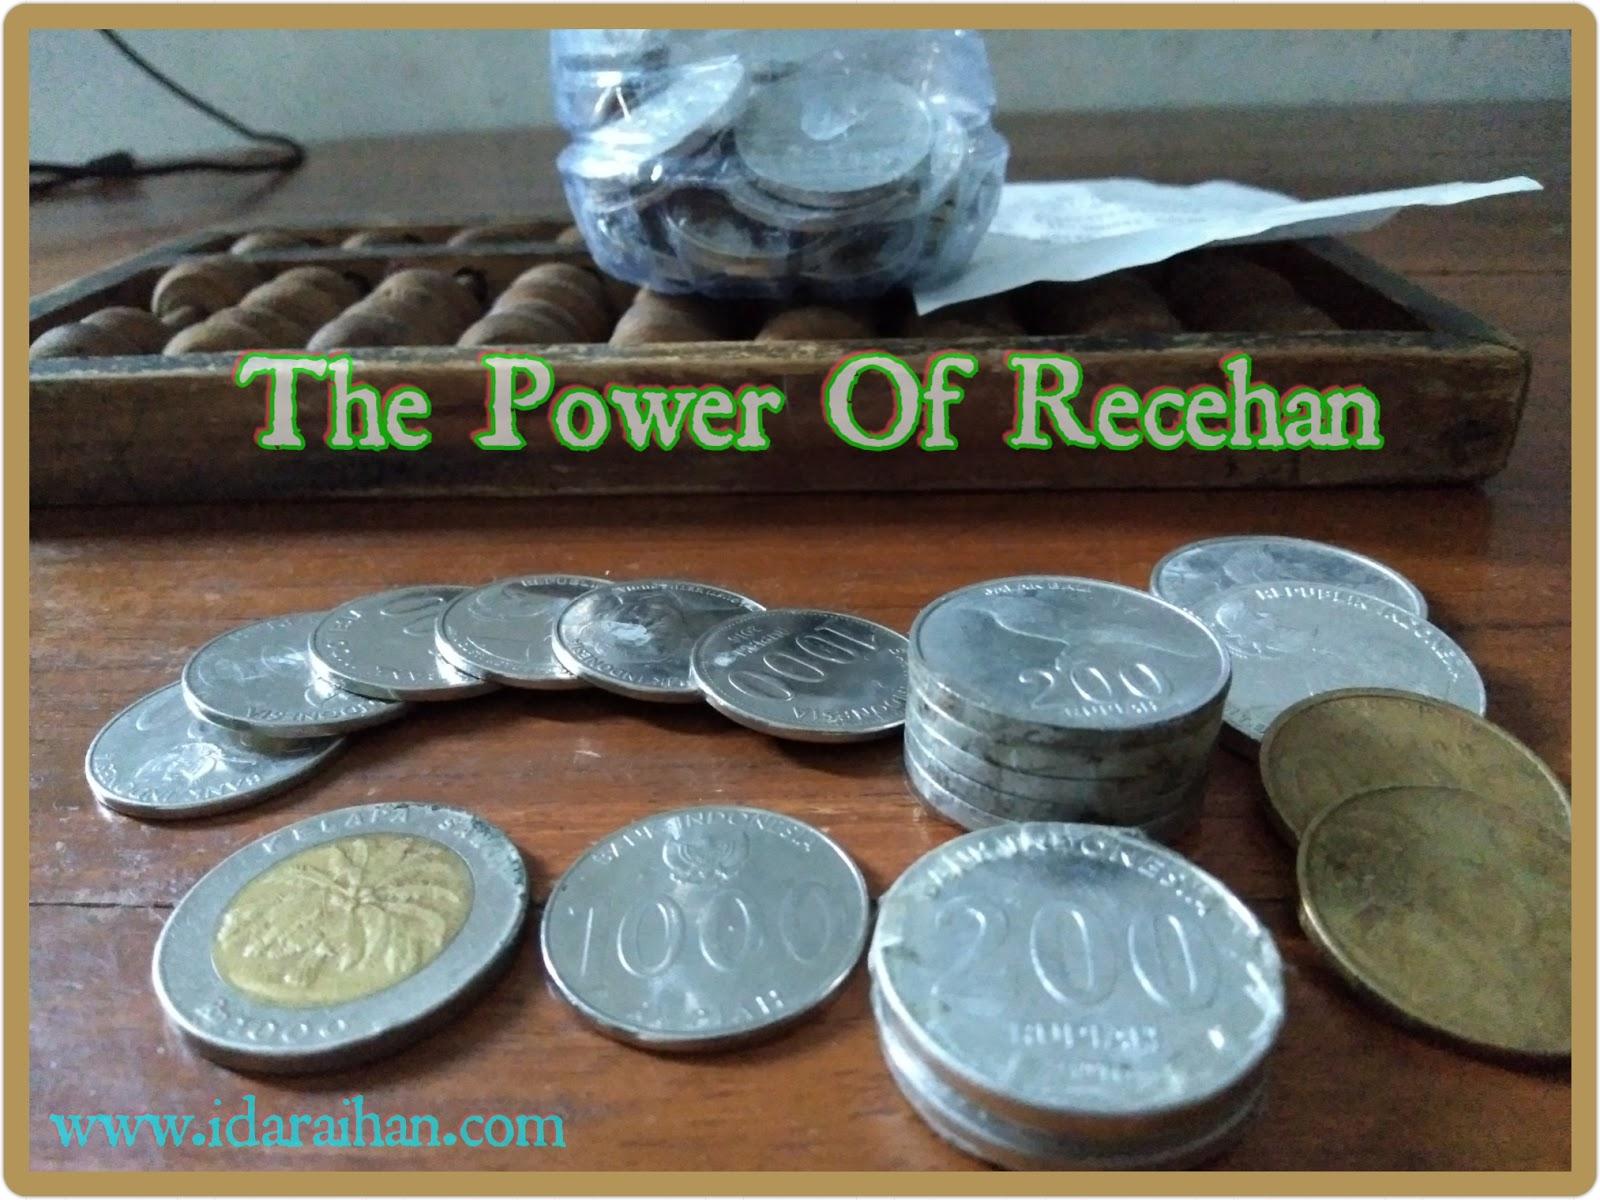 Manfaat Recehan, Coin, koin